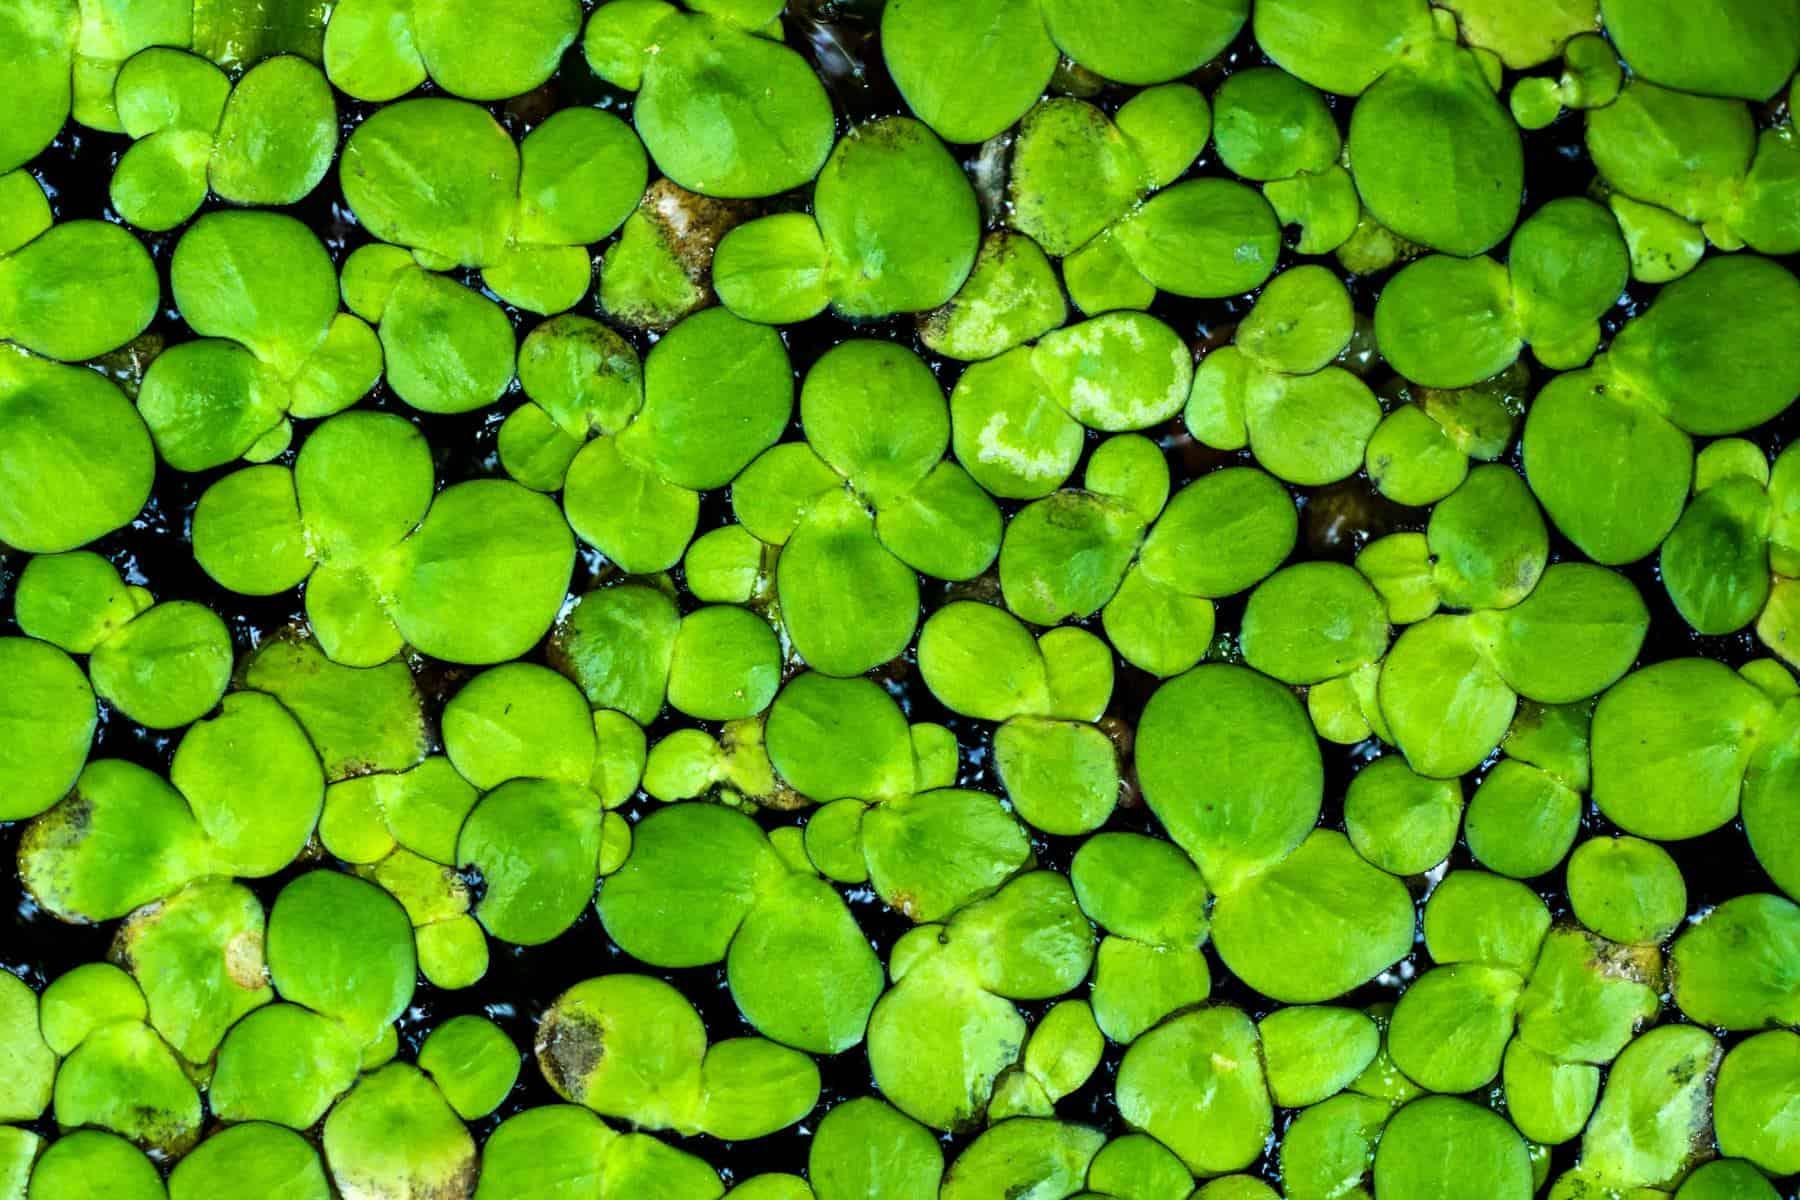 macro shot of duckweed